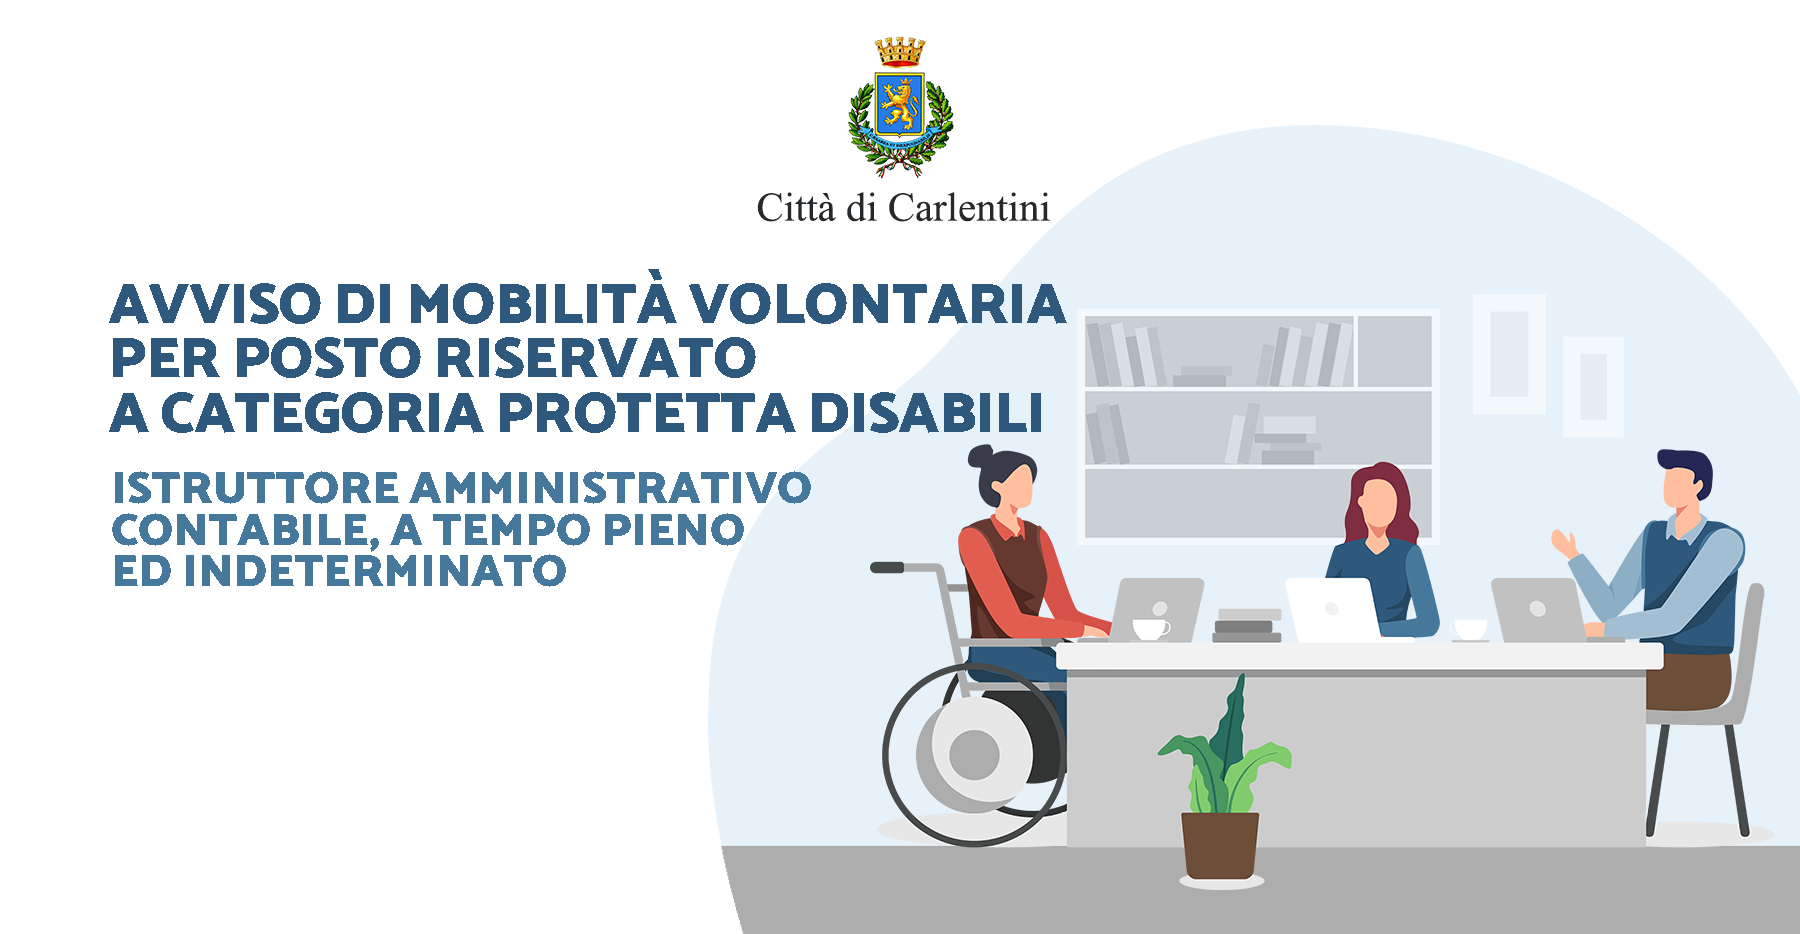 Avviso di mobilità volontaria: n° 1 istruttore contabile a tempo pieno e indeterminato, area servizi finanziari